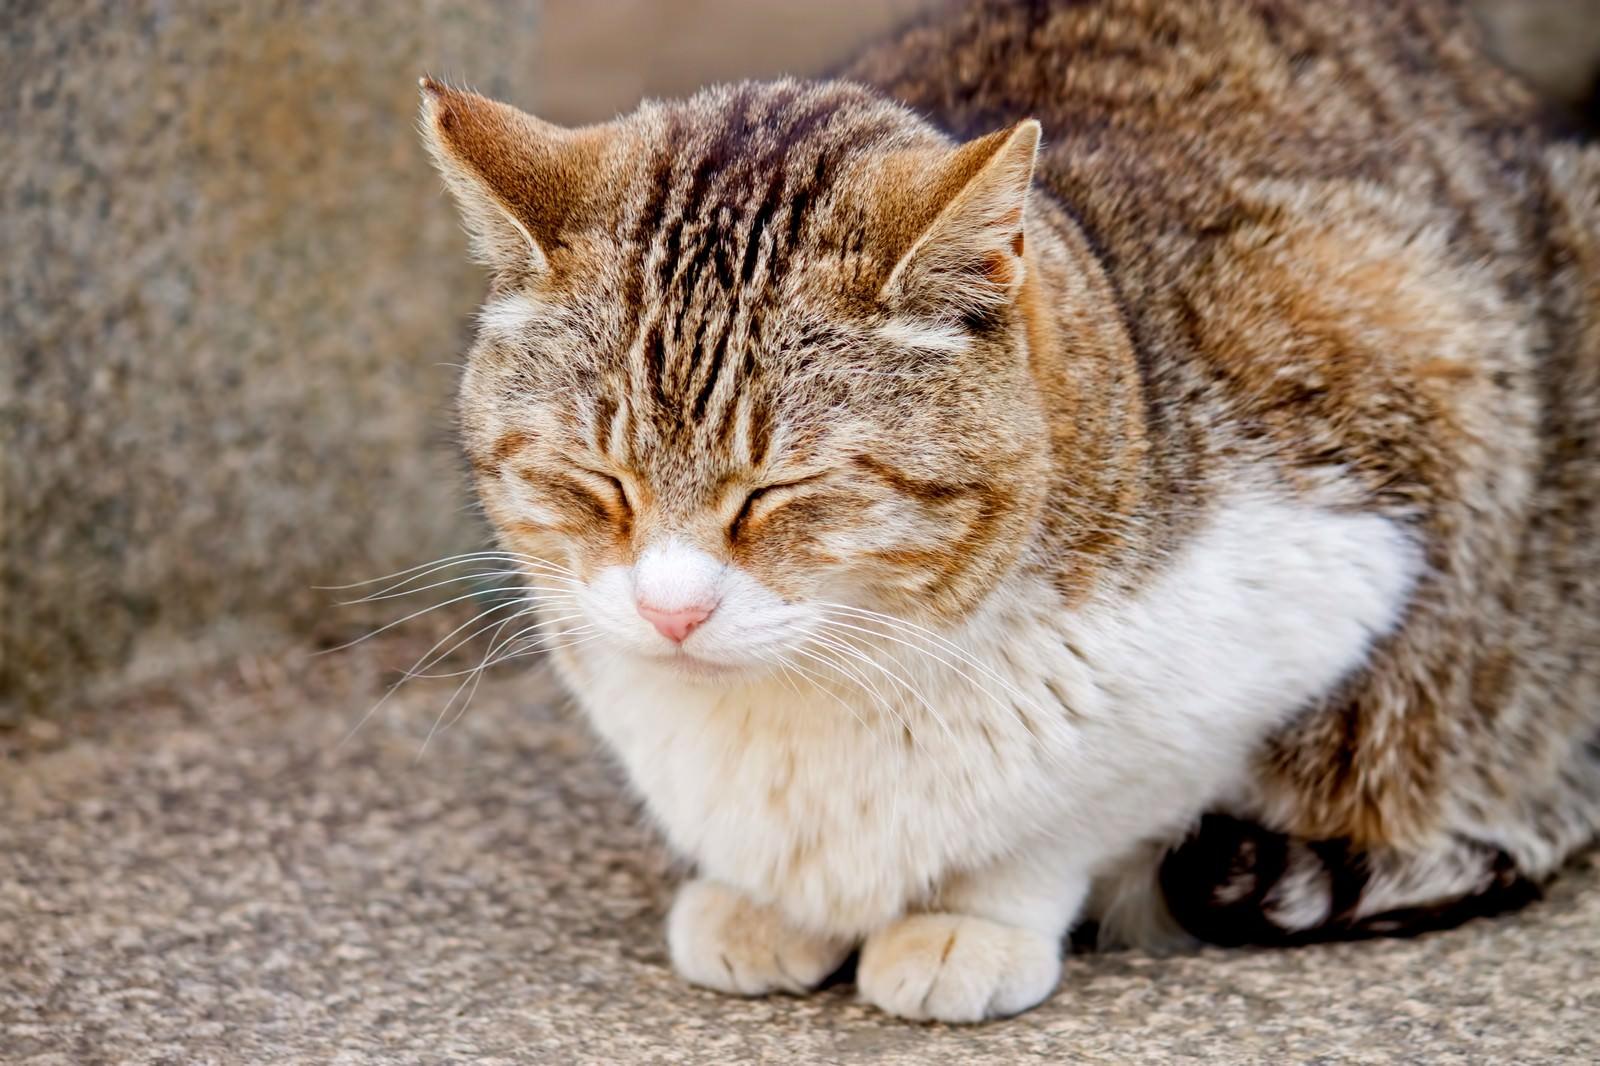 「うたたねをする猫うたたねをする猫」のフリー写真素材を拡大